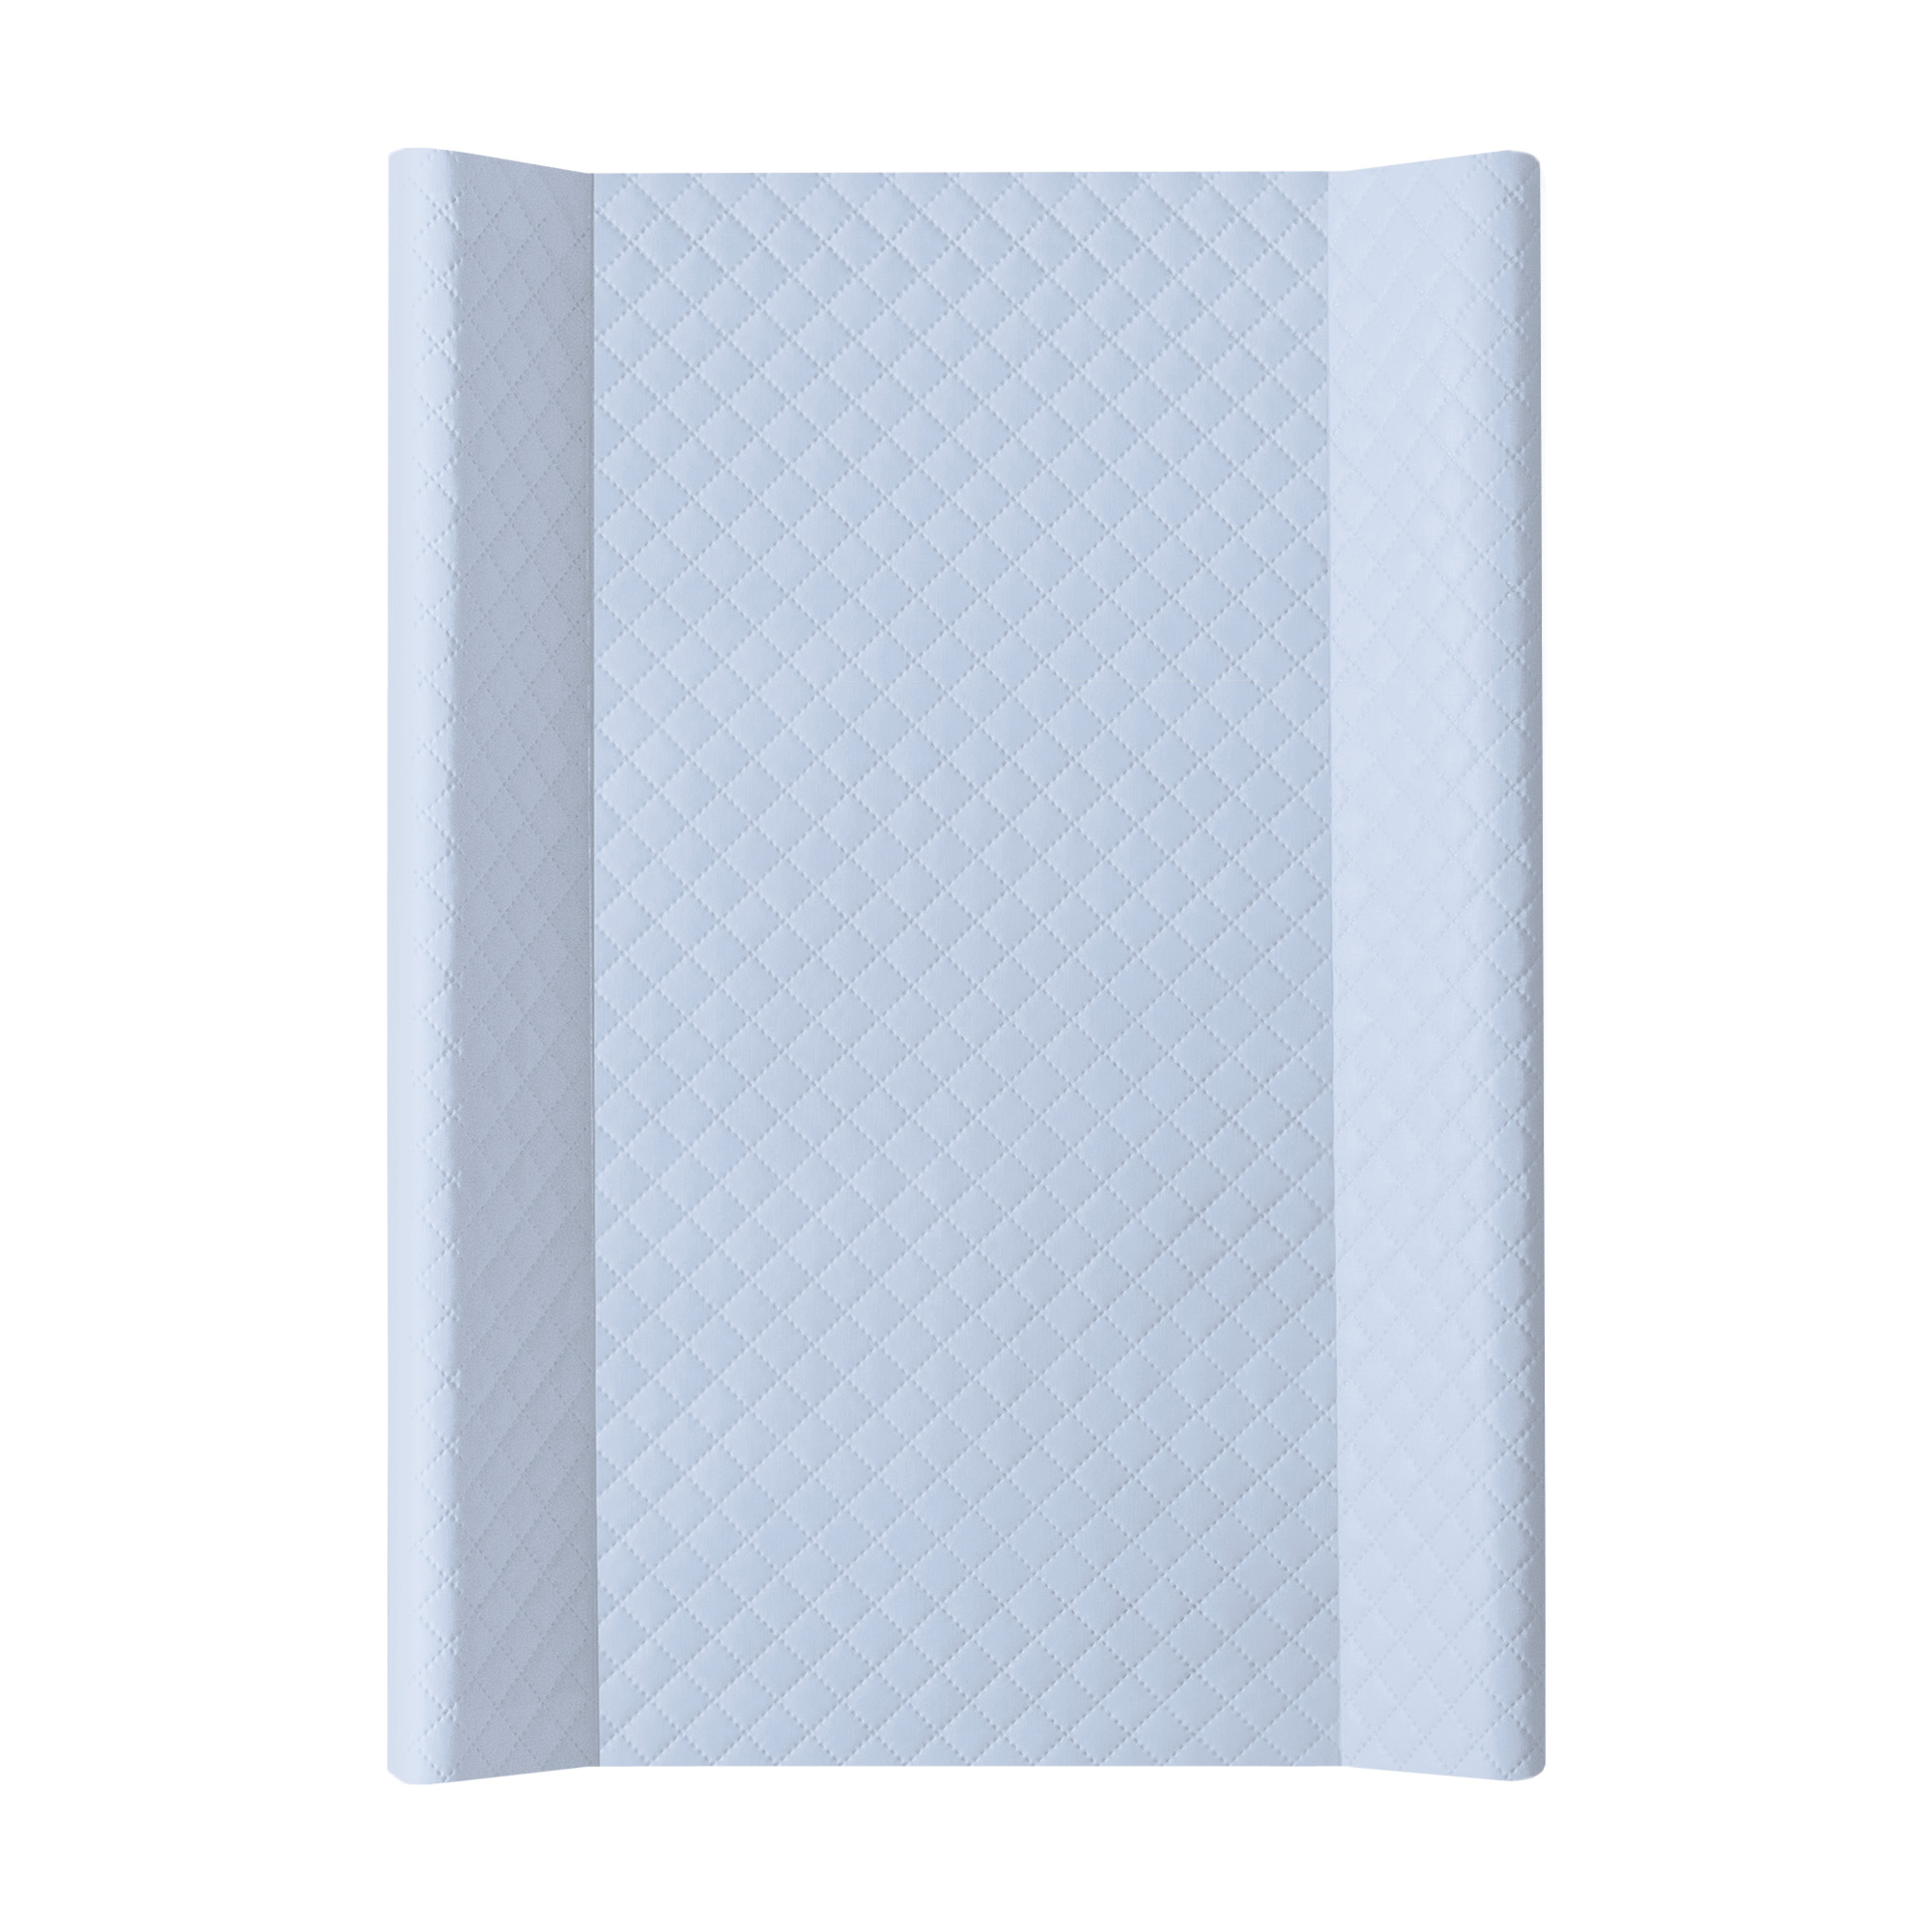 Přebalovací podložka CEBA MDF 70 cm Caro modrá